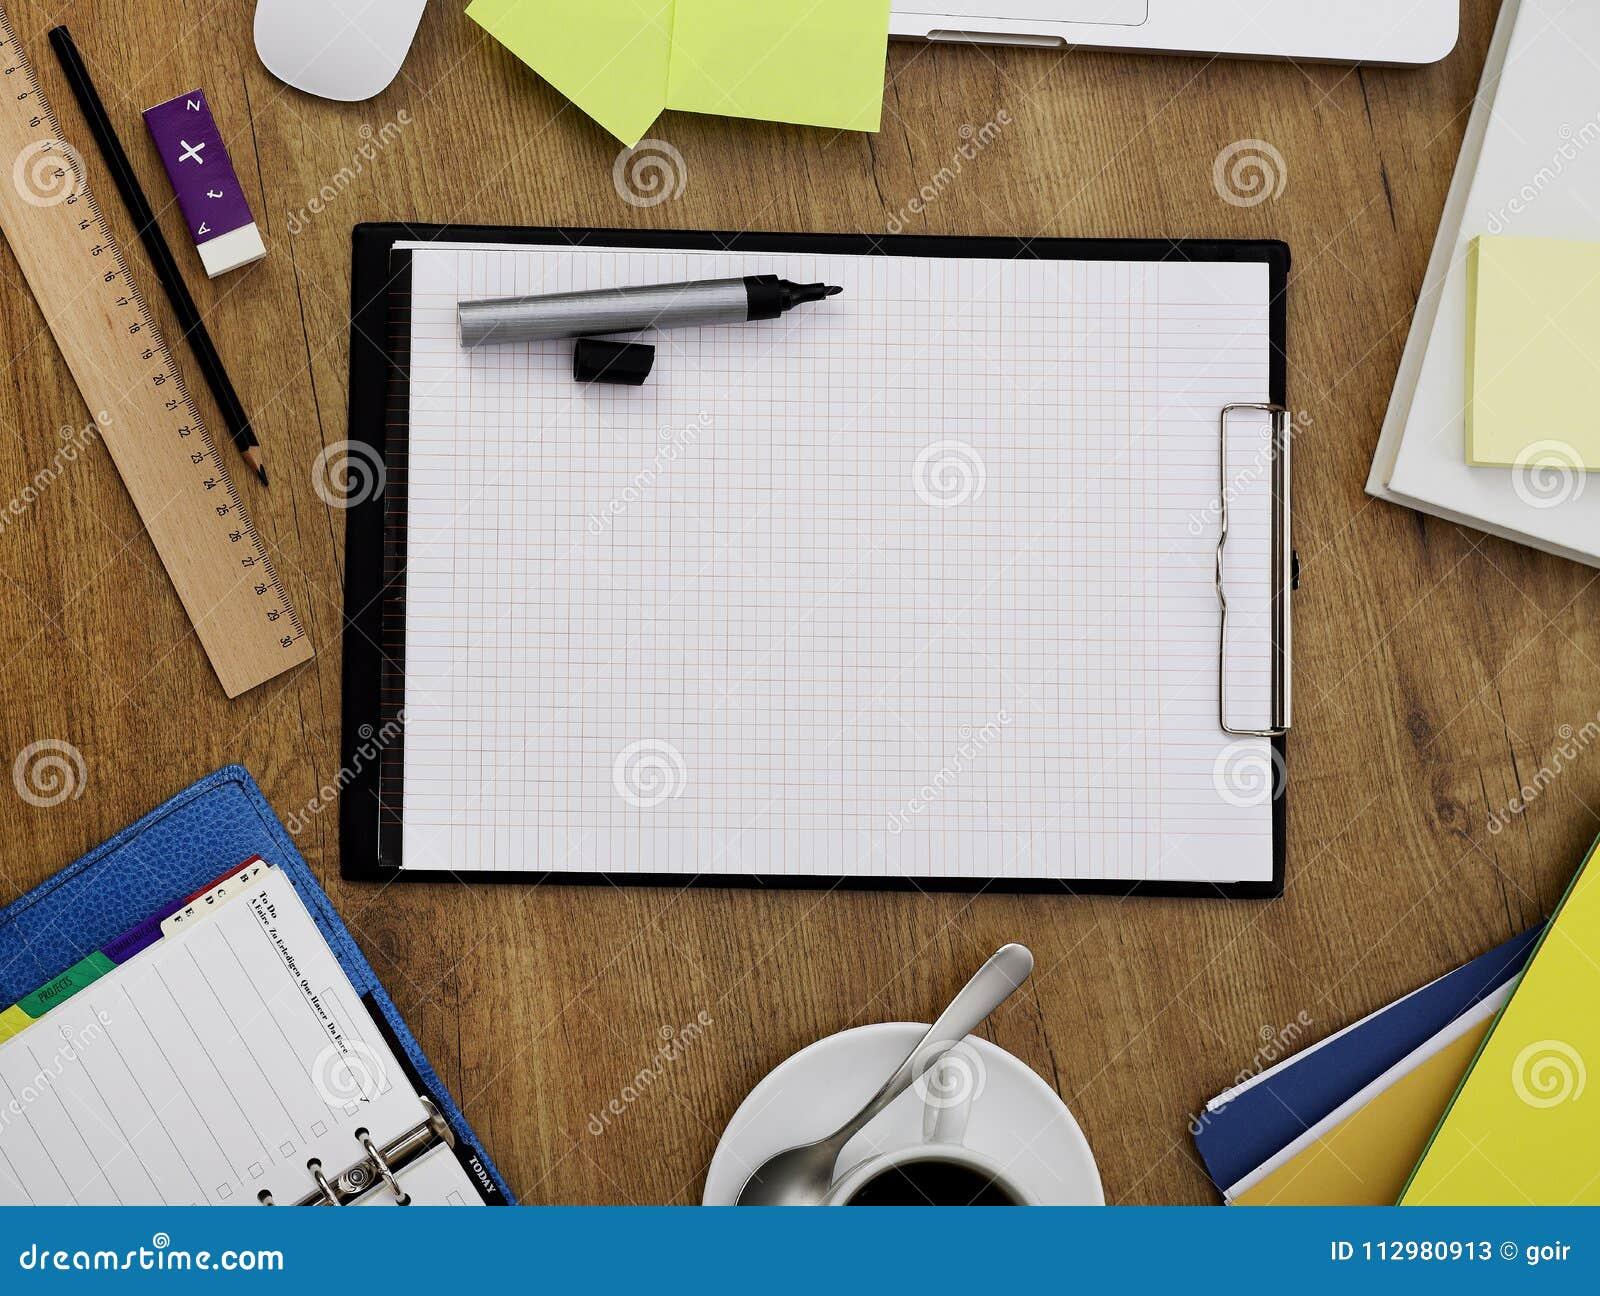 Clipboard on office desk